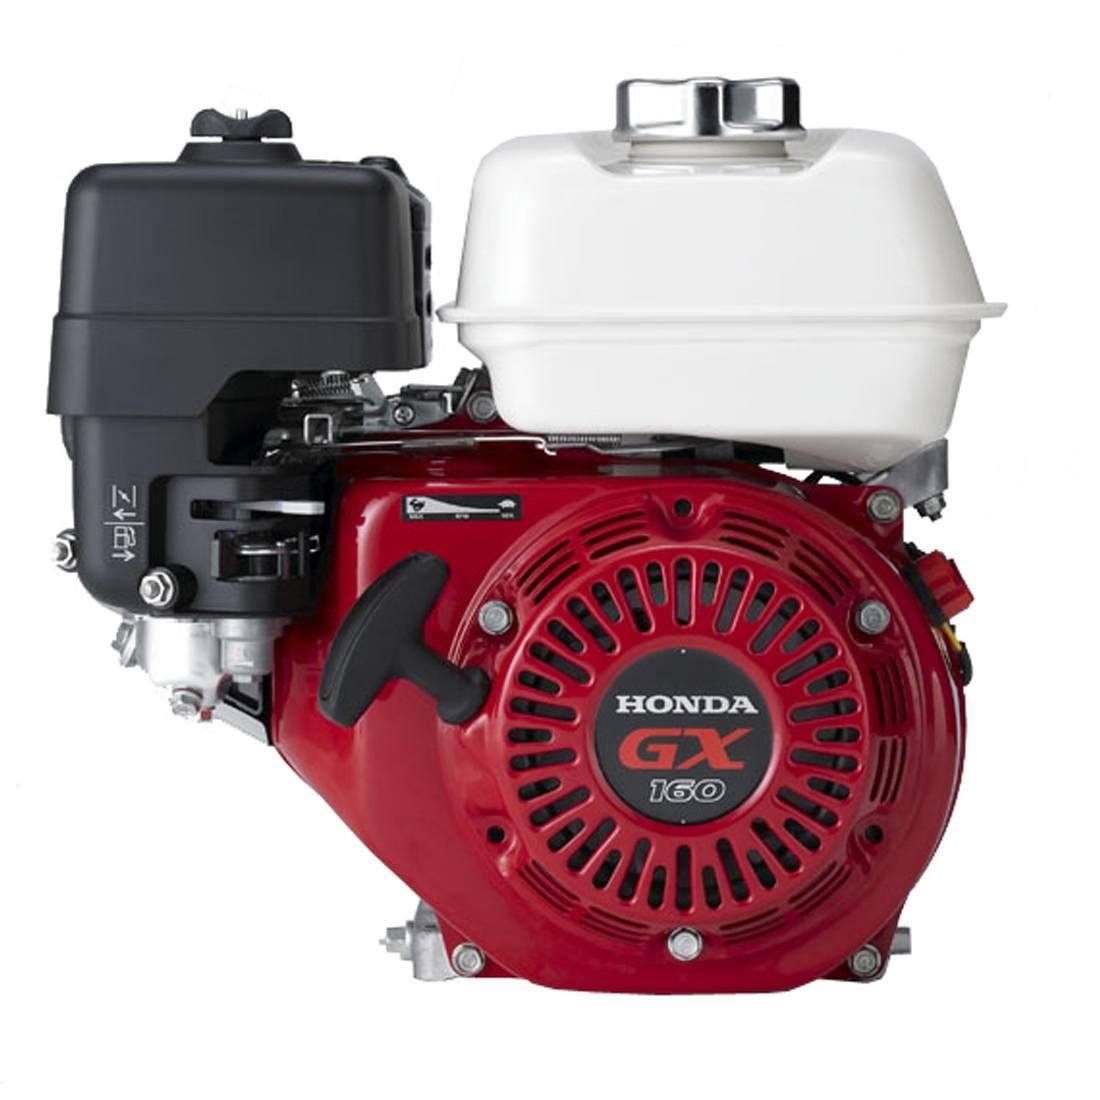 GX160UT2-LX4. Двигатель бензиновый Honda GX 160 LX4